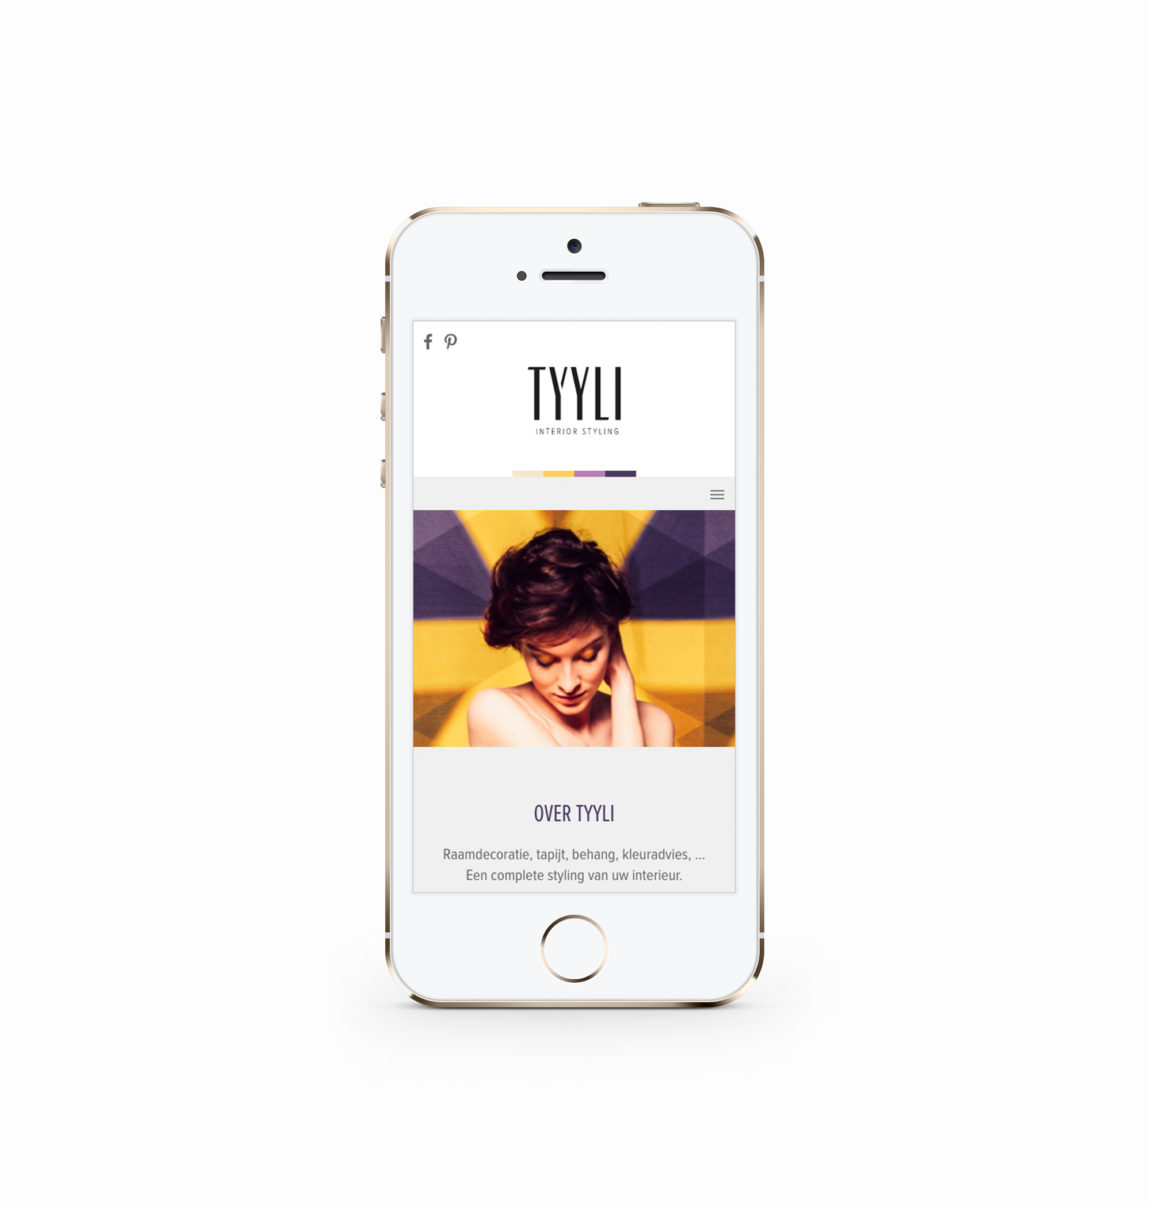 Tyyli i Phone 5 S v1